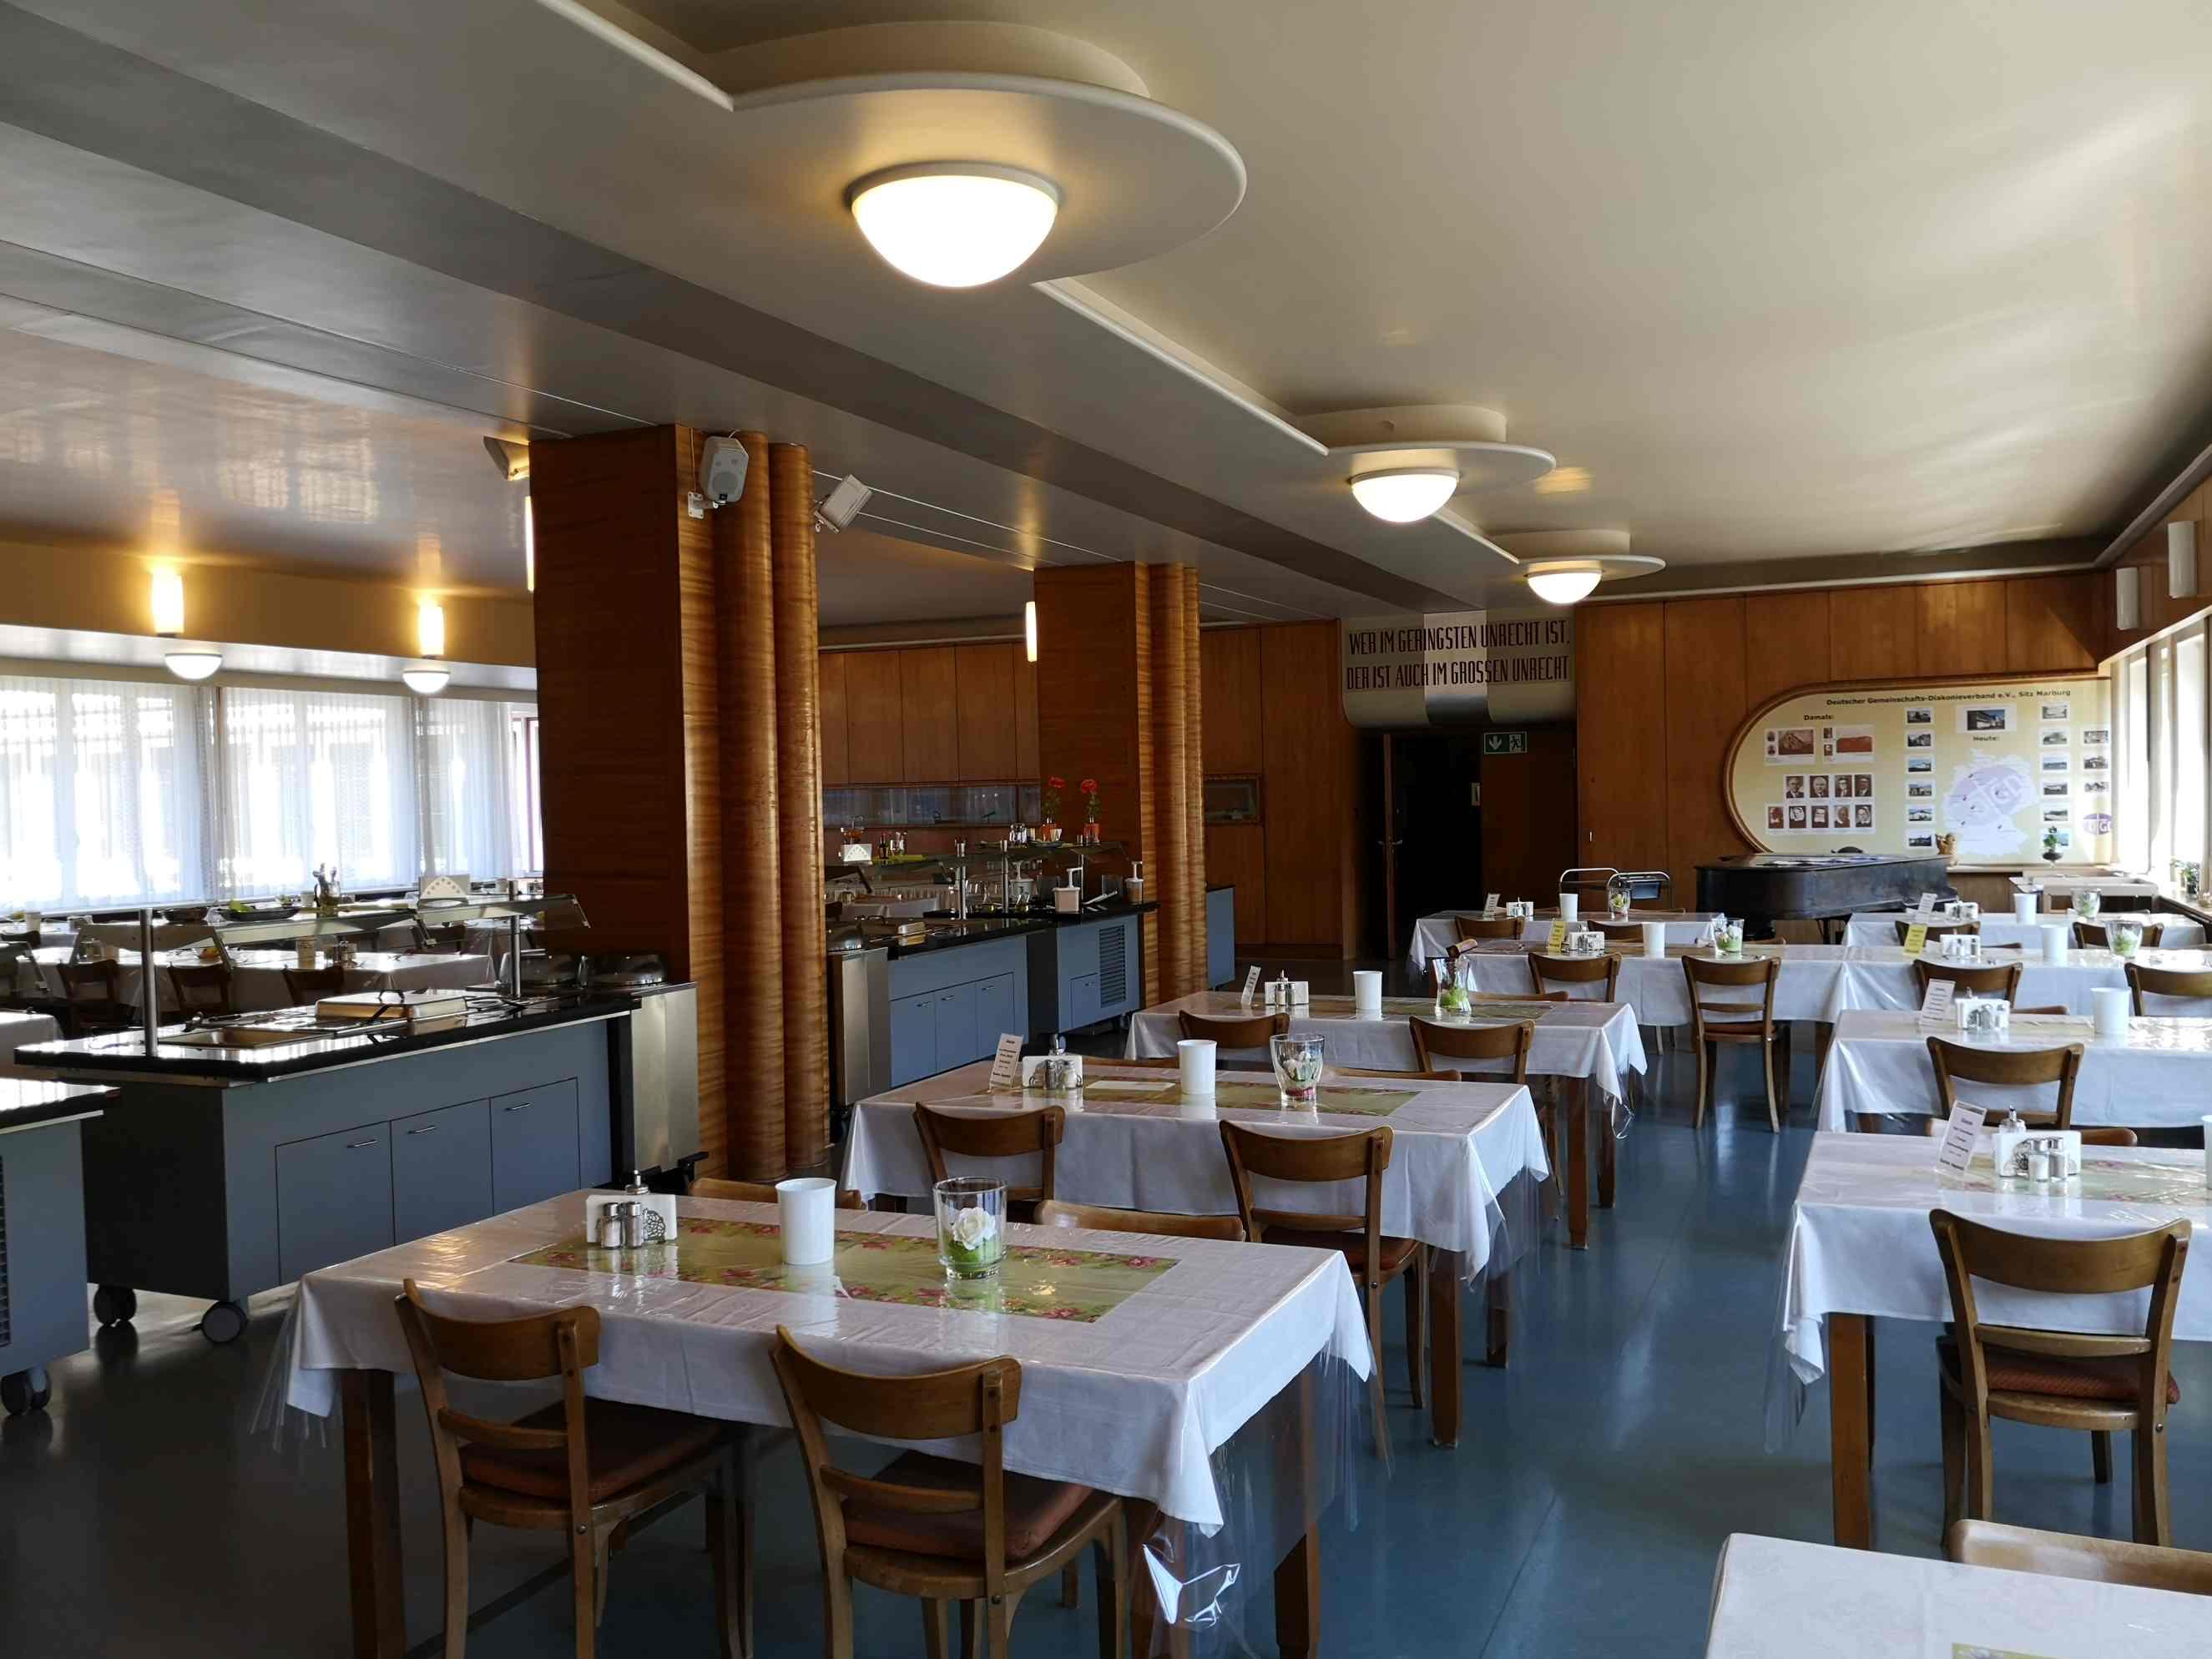 Gästehaus Tanne in Elbingerode - Speisesaal im Mutterhaus